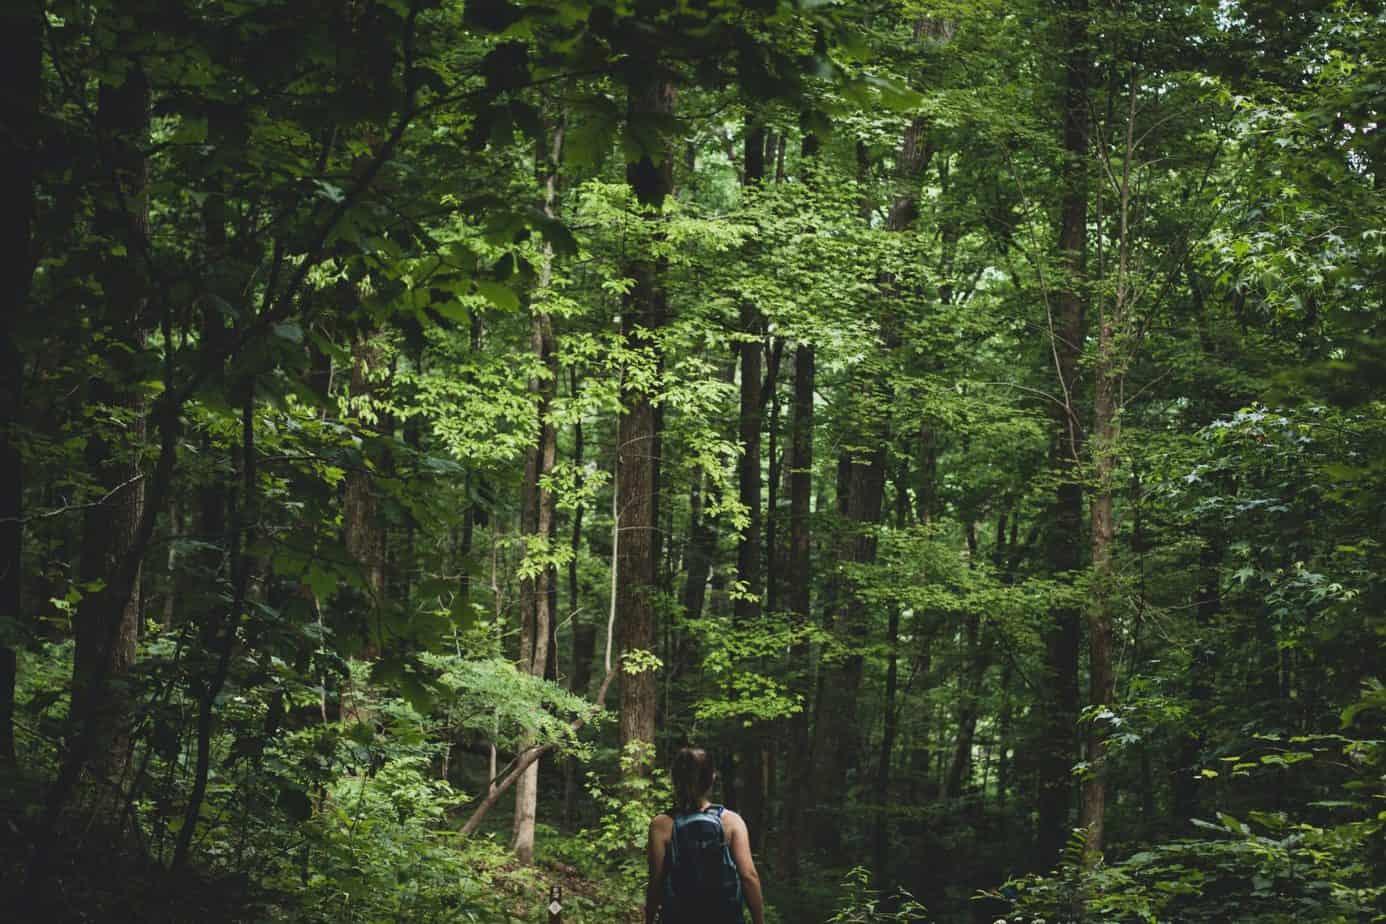 mestrado em engenharia florestal epos alemanha daad